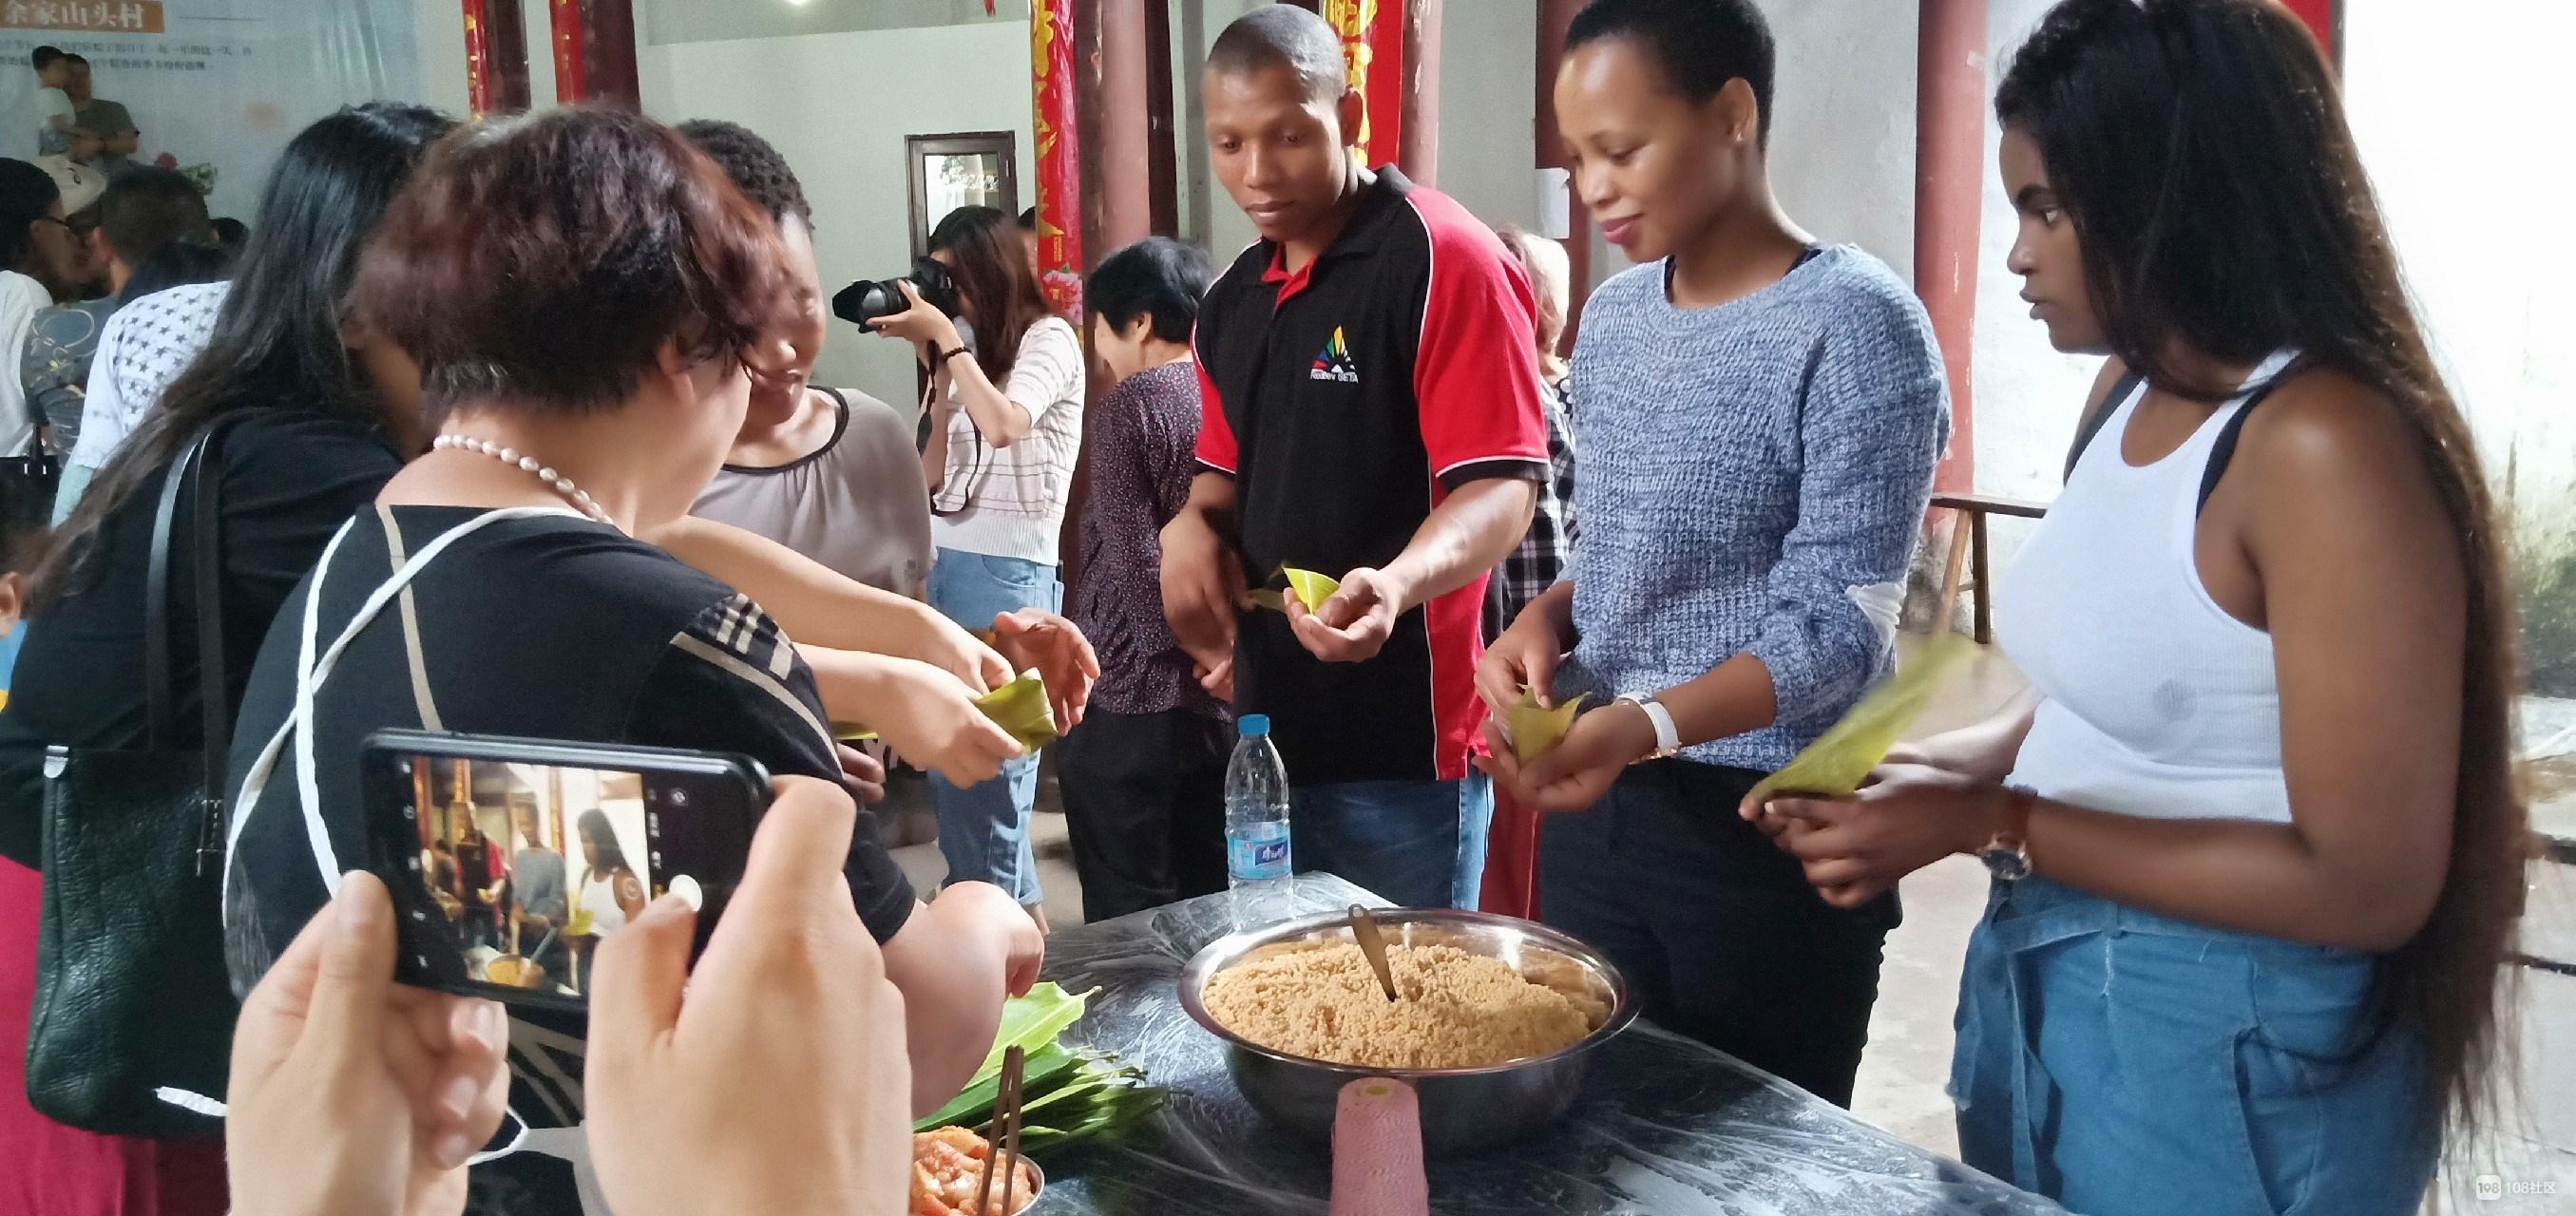 余家山头村不一样的端午节,国际友人加入包粽子行列!